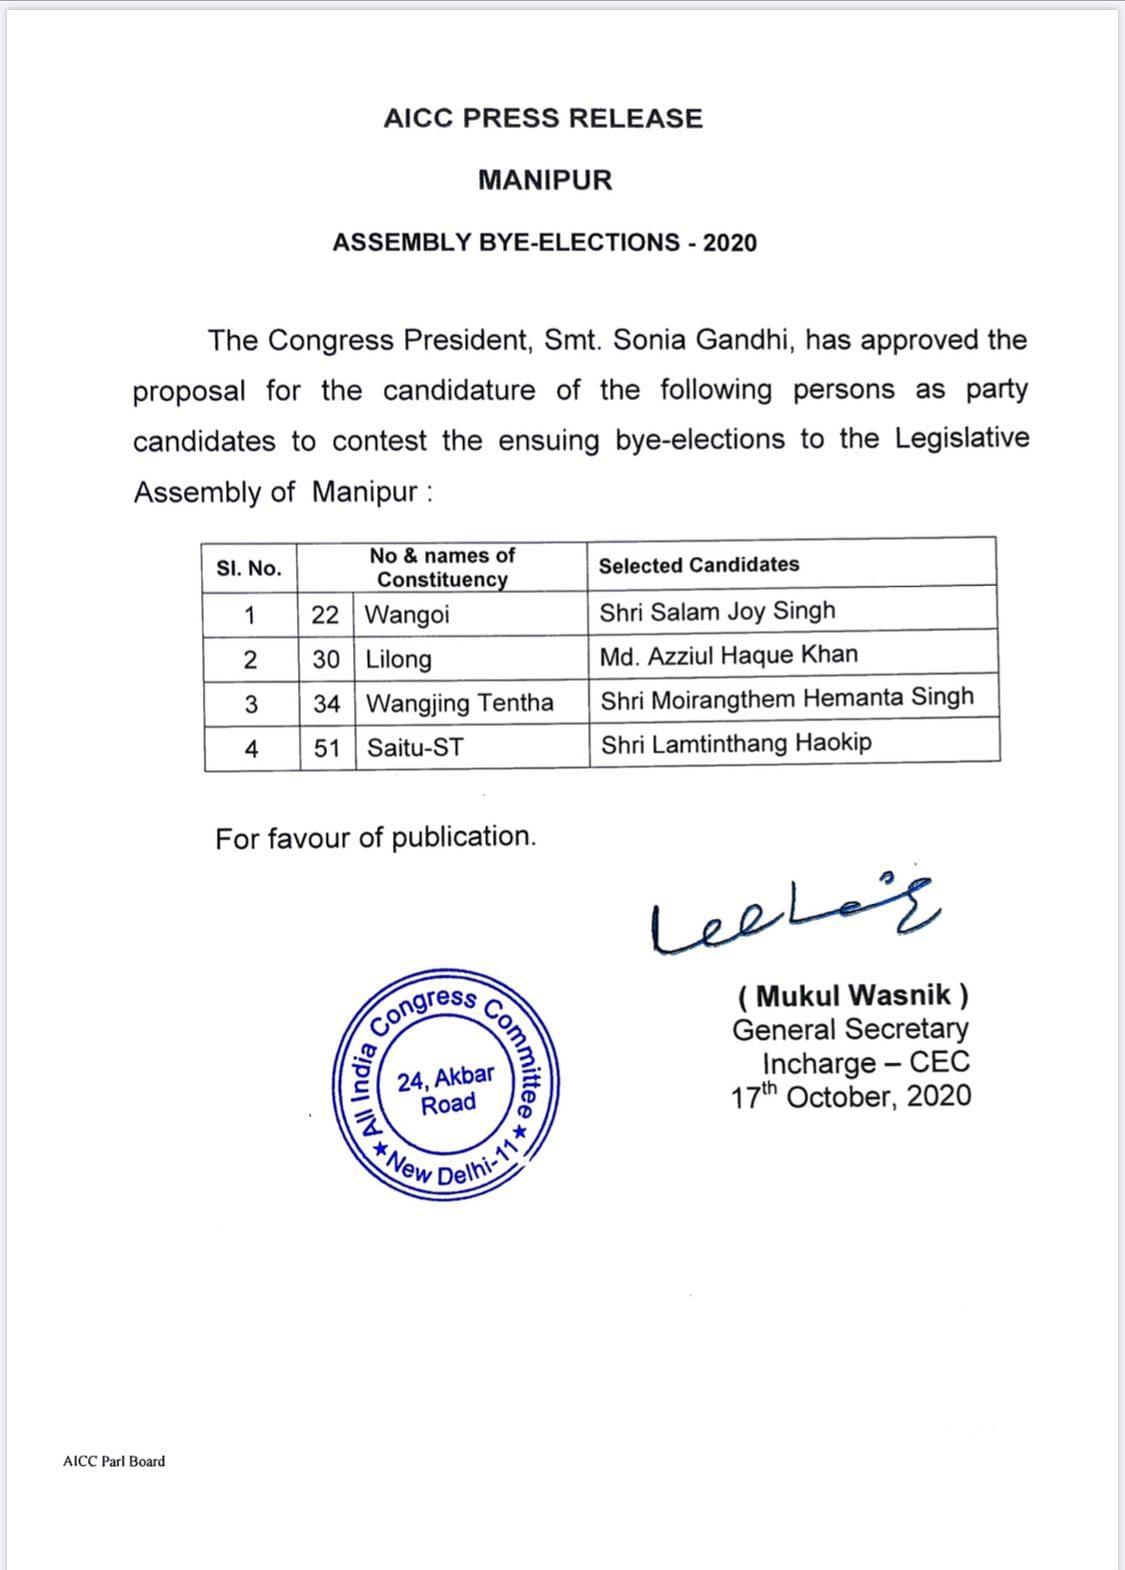 विधानसभा उपचुनाव : कांग्रेस ने मणिपुर के लिए उम्मीदवारों की घोषणा की